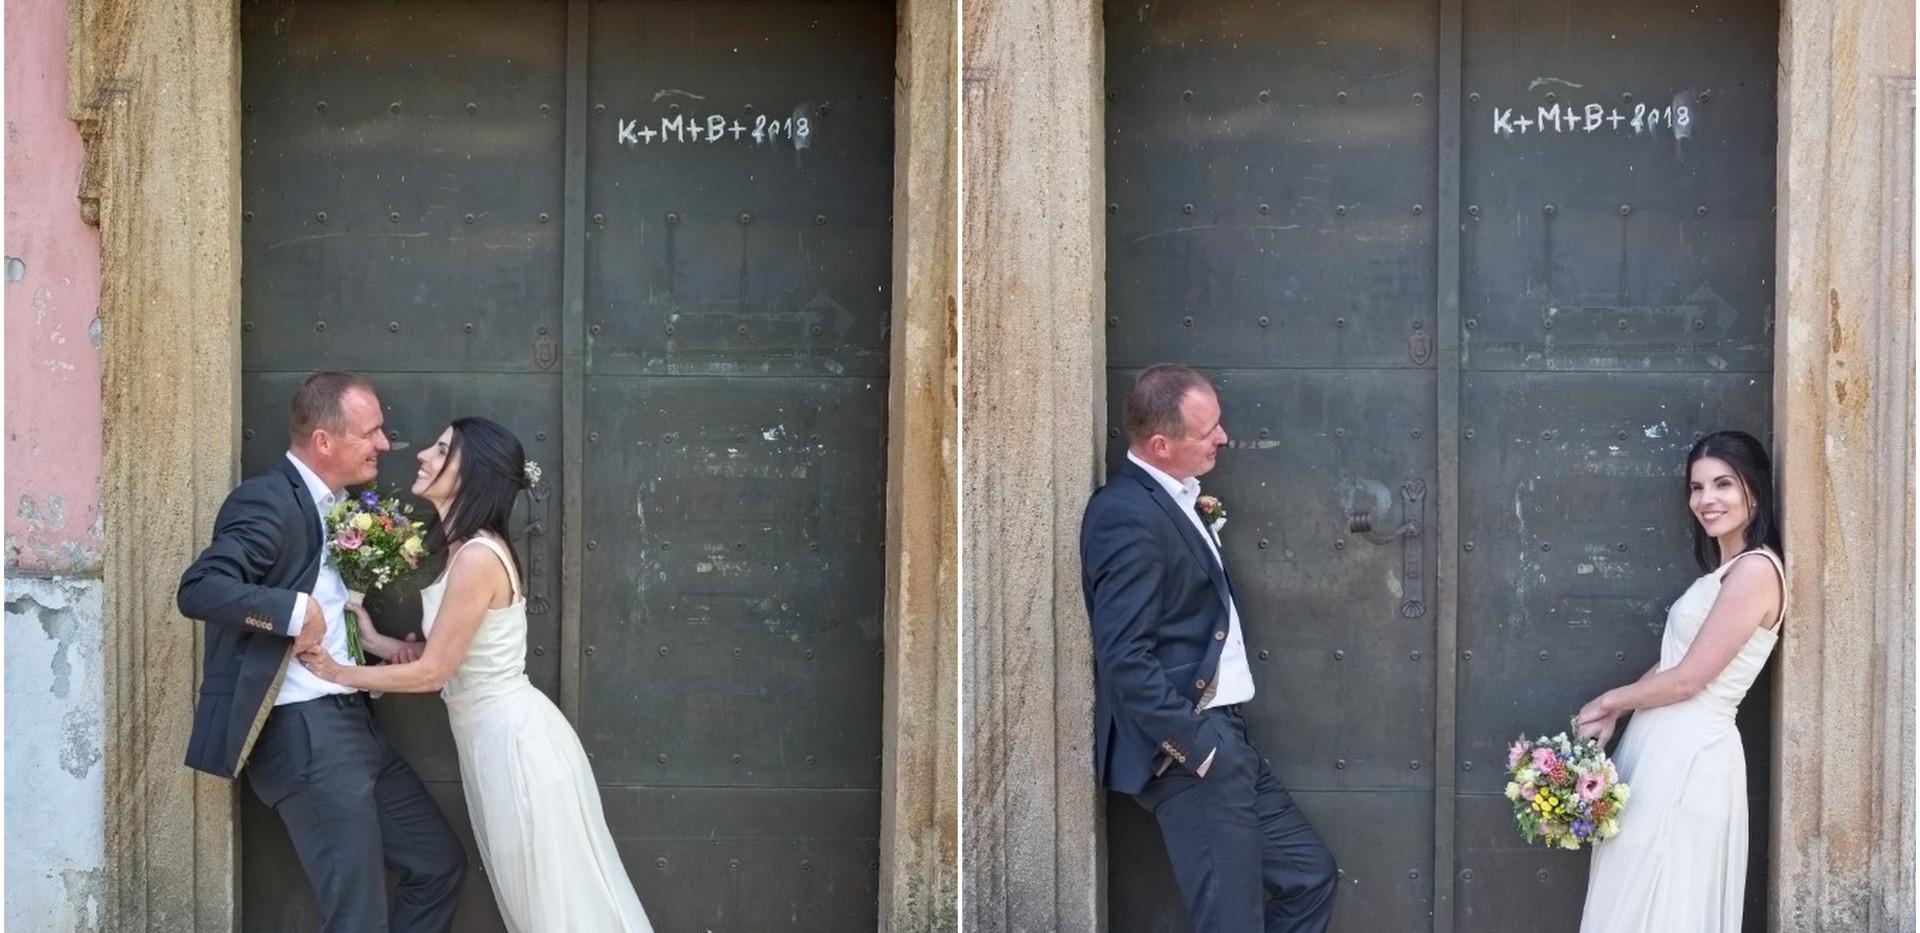 svatební.jpg